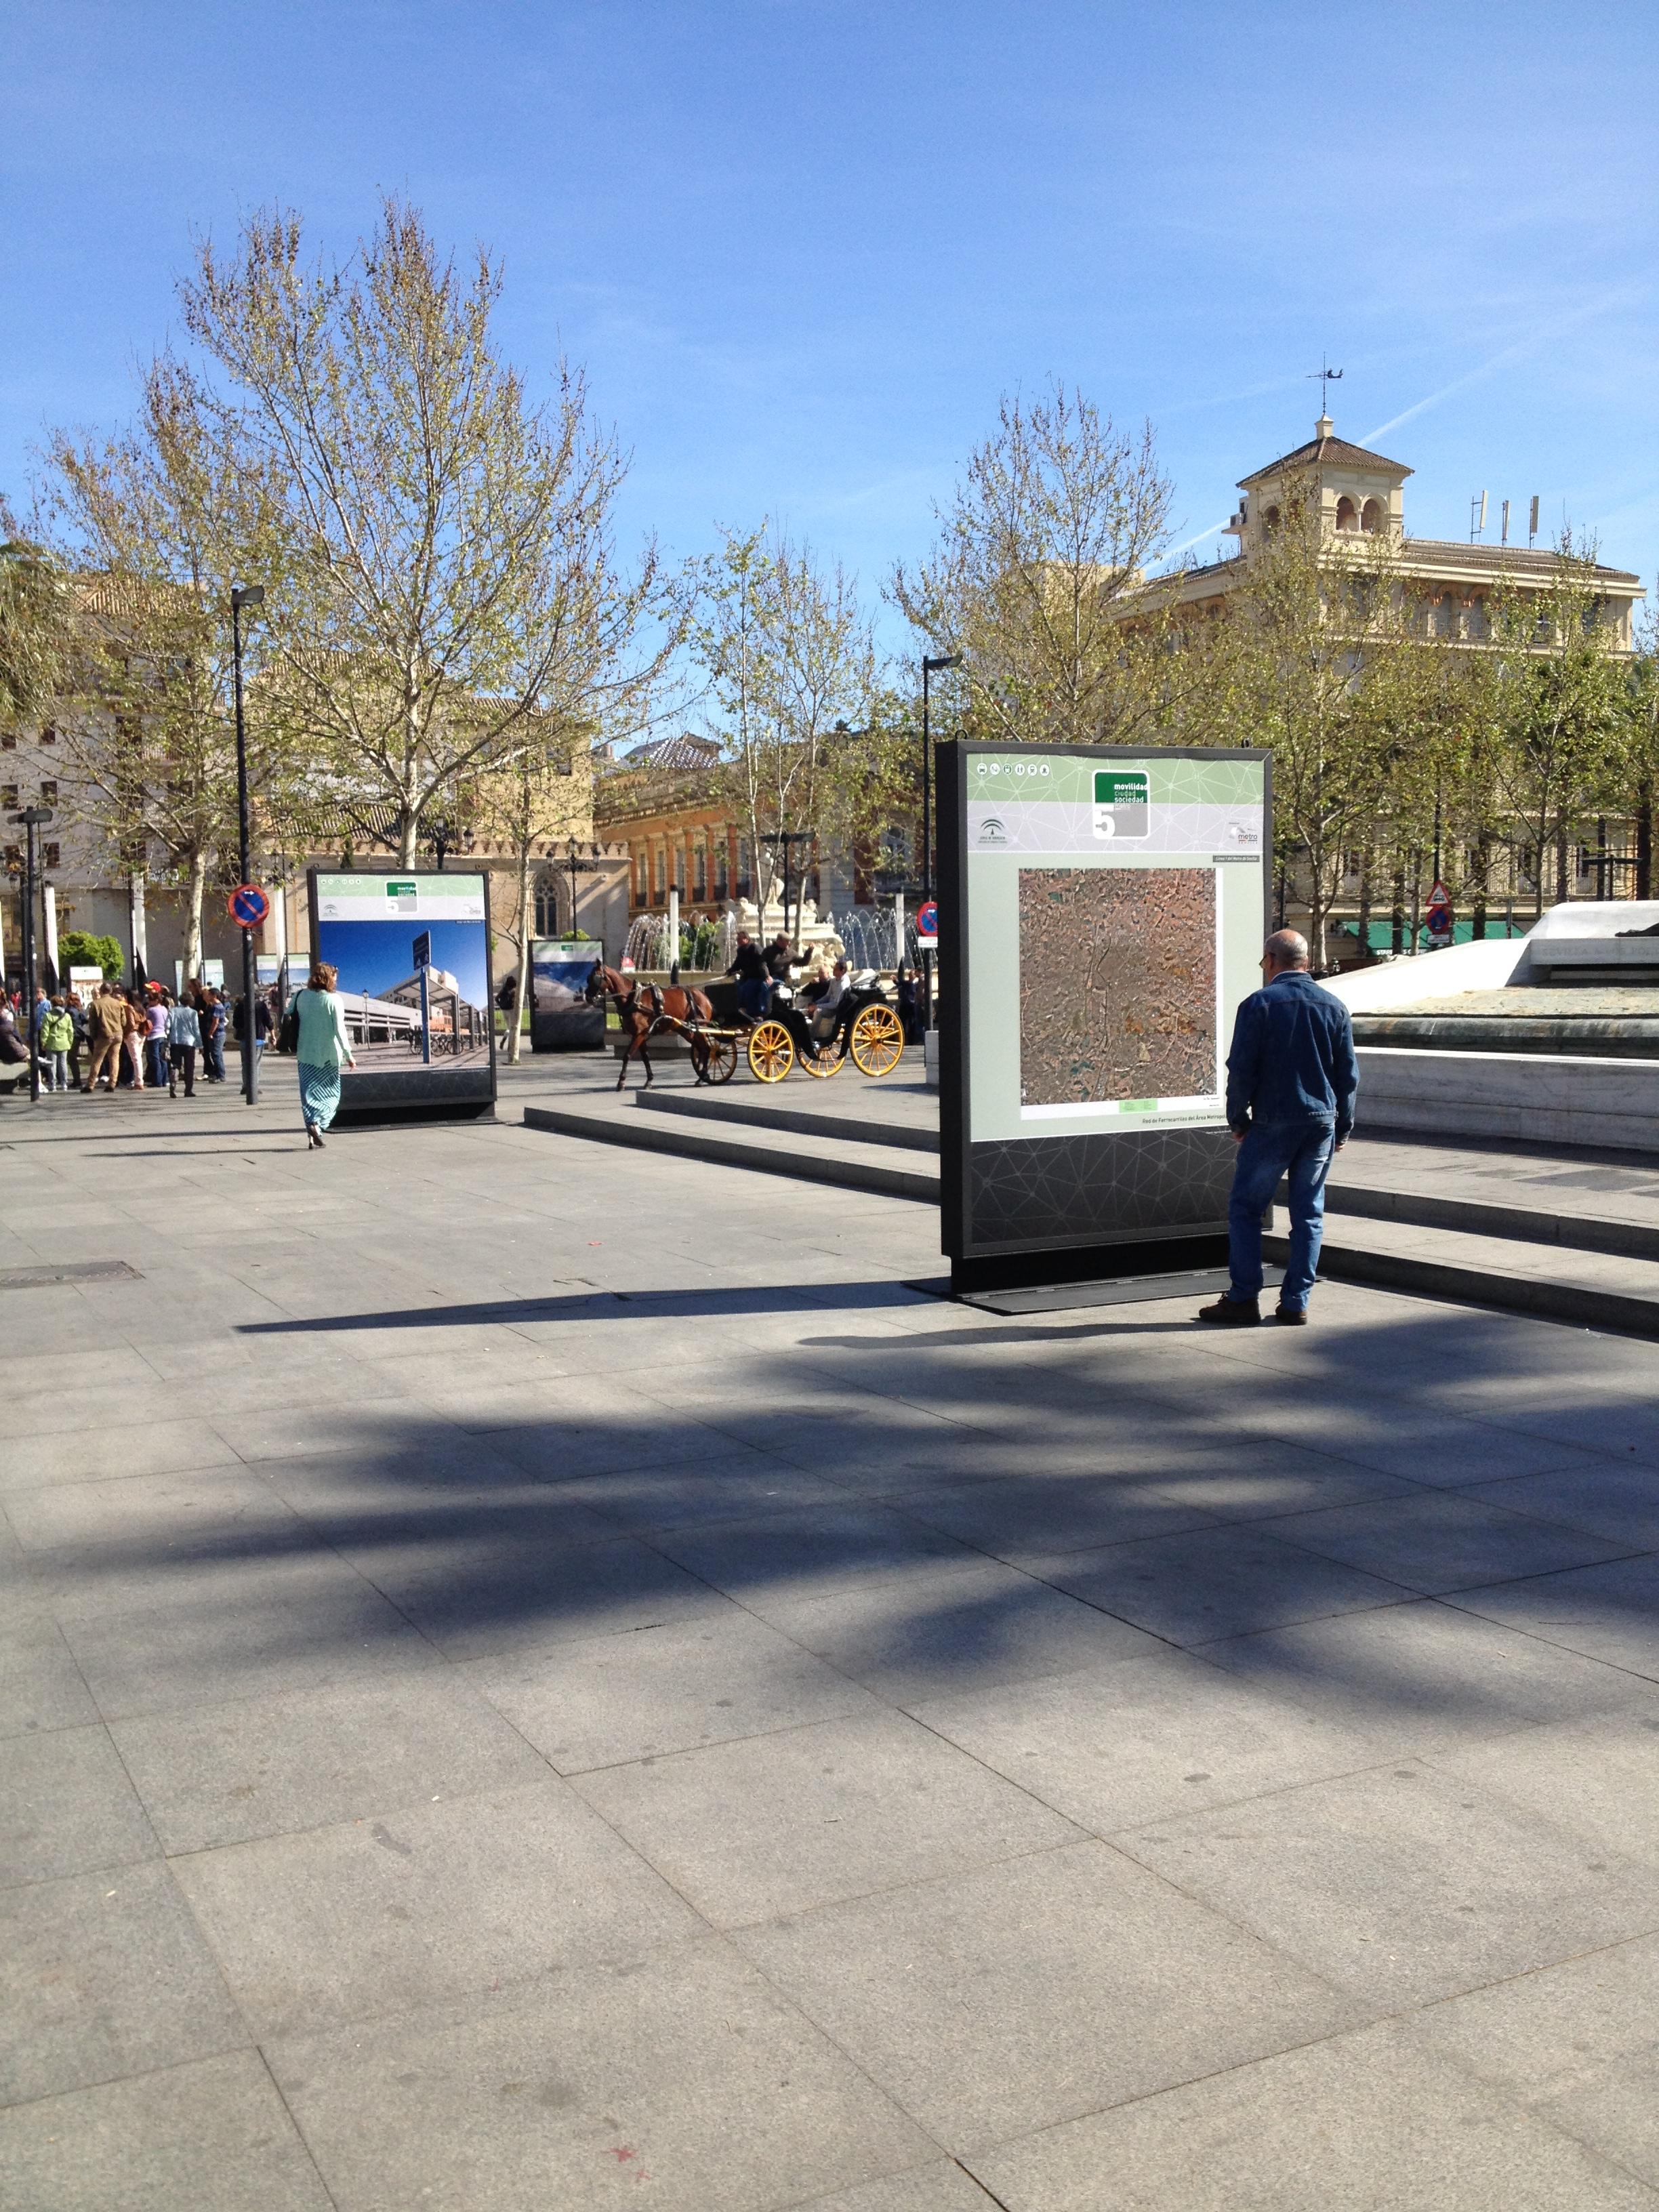 Imagen de la exposición conmemorativa del V aniversario en Puerta de Jerez y la Avenida de la Constitución, en Sevilla.